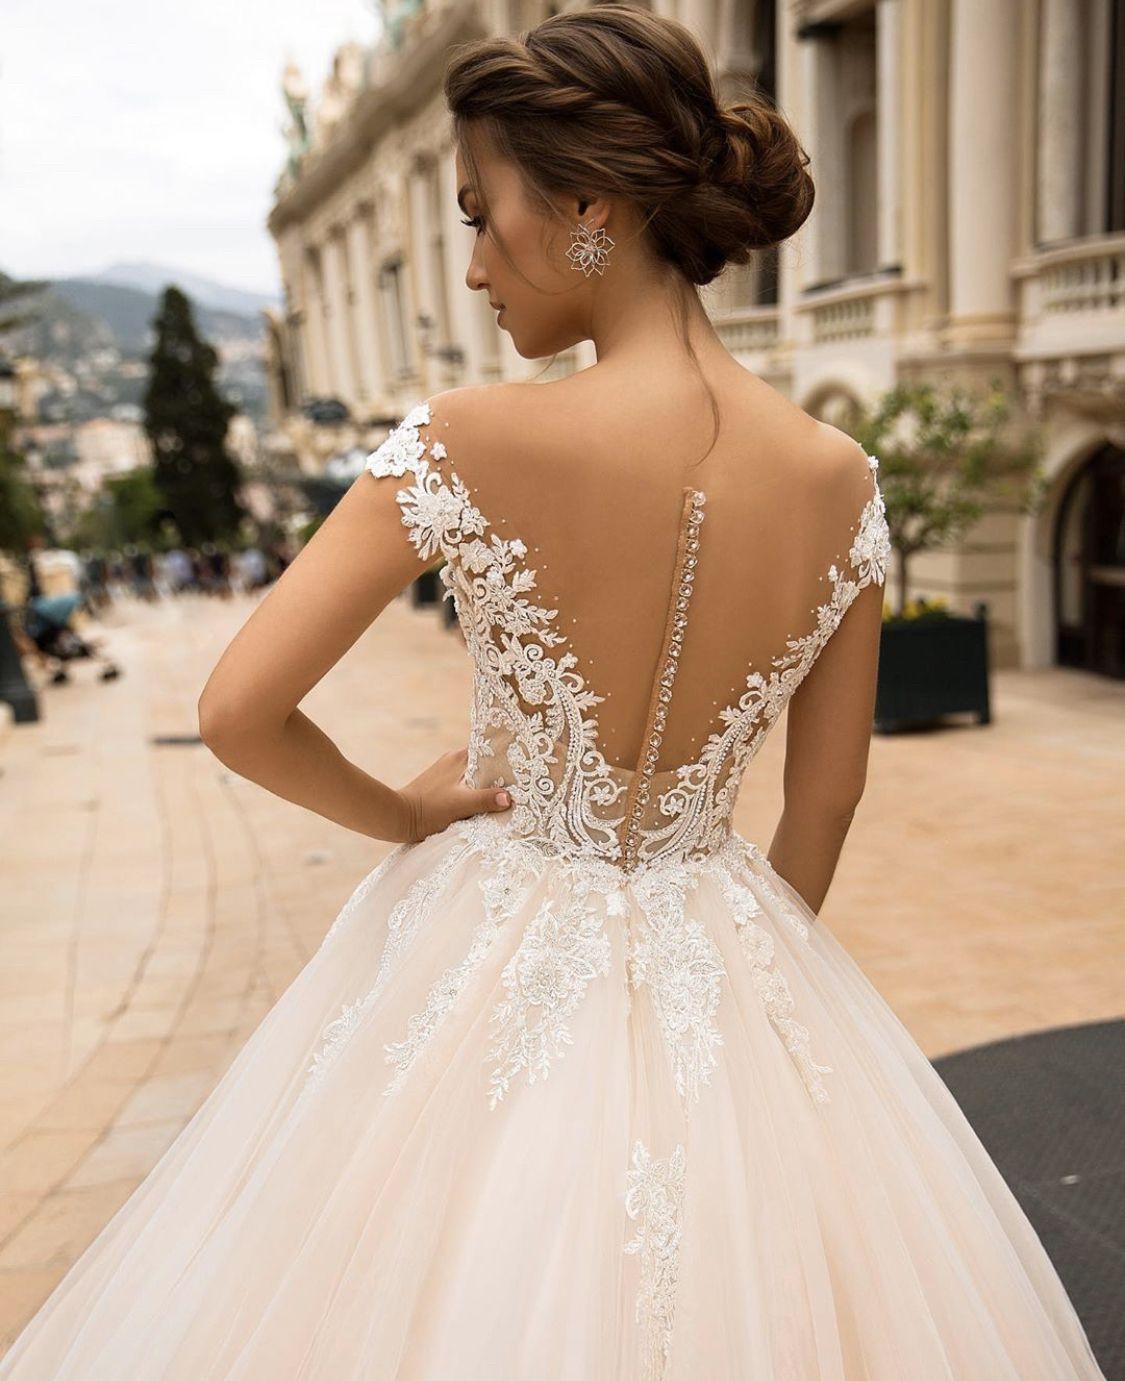 Dos et applications texturés parfaitement détaillés flottant sur la jupe ample. N'est-ce pas une robe de rêve?    – Cote d'Azur Collection – Viero Bridal